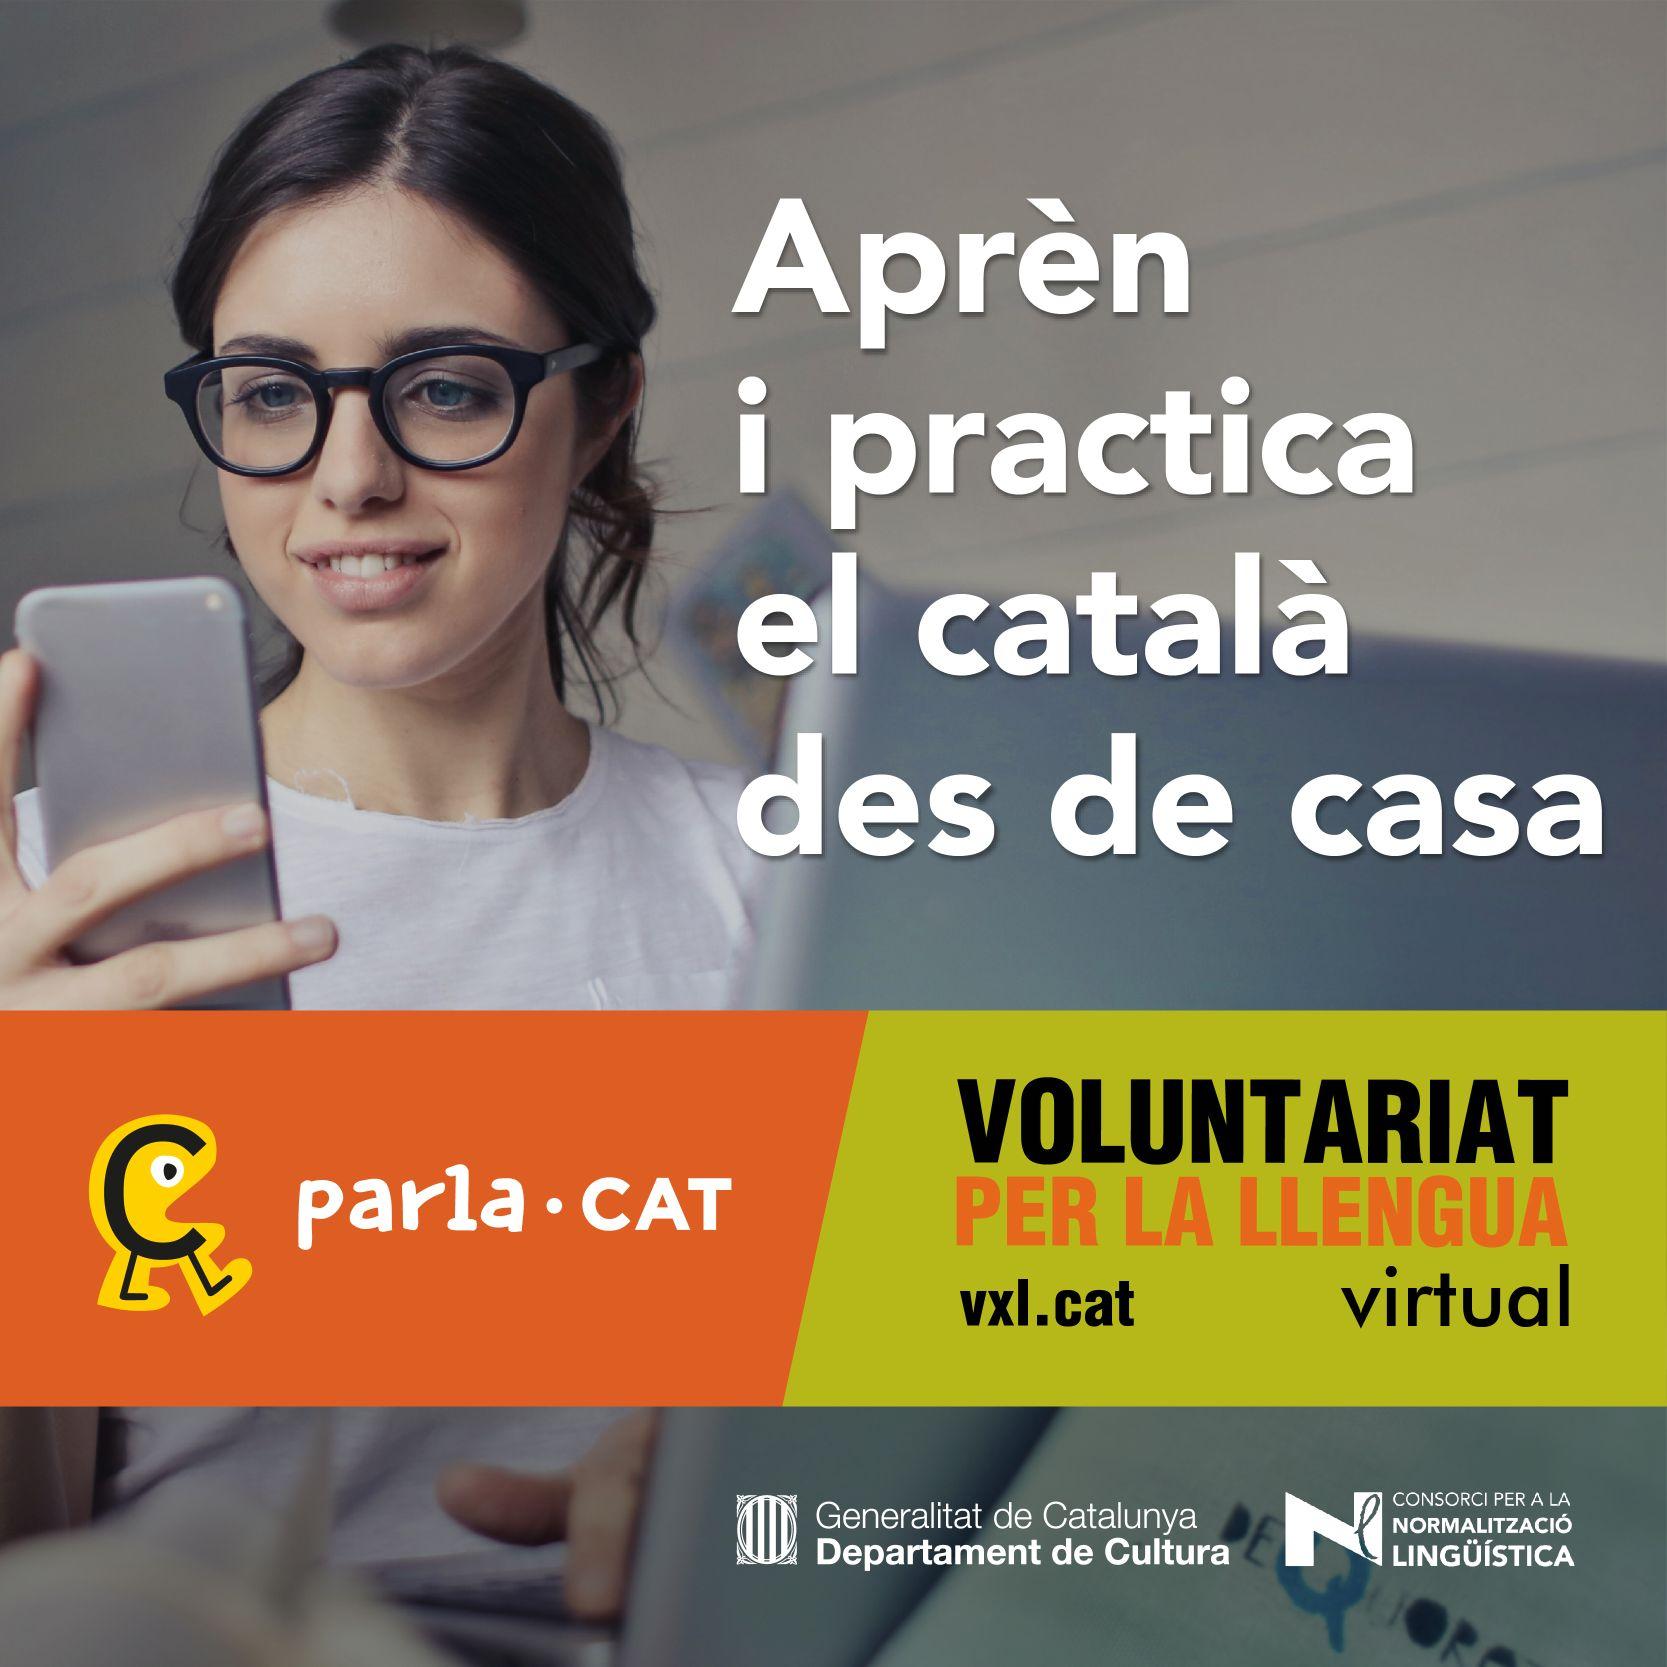 Cartell del voluntariat per la llengua